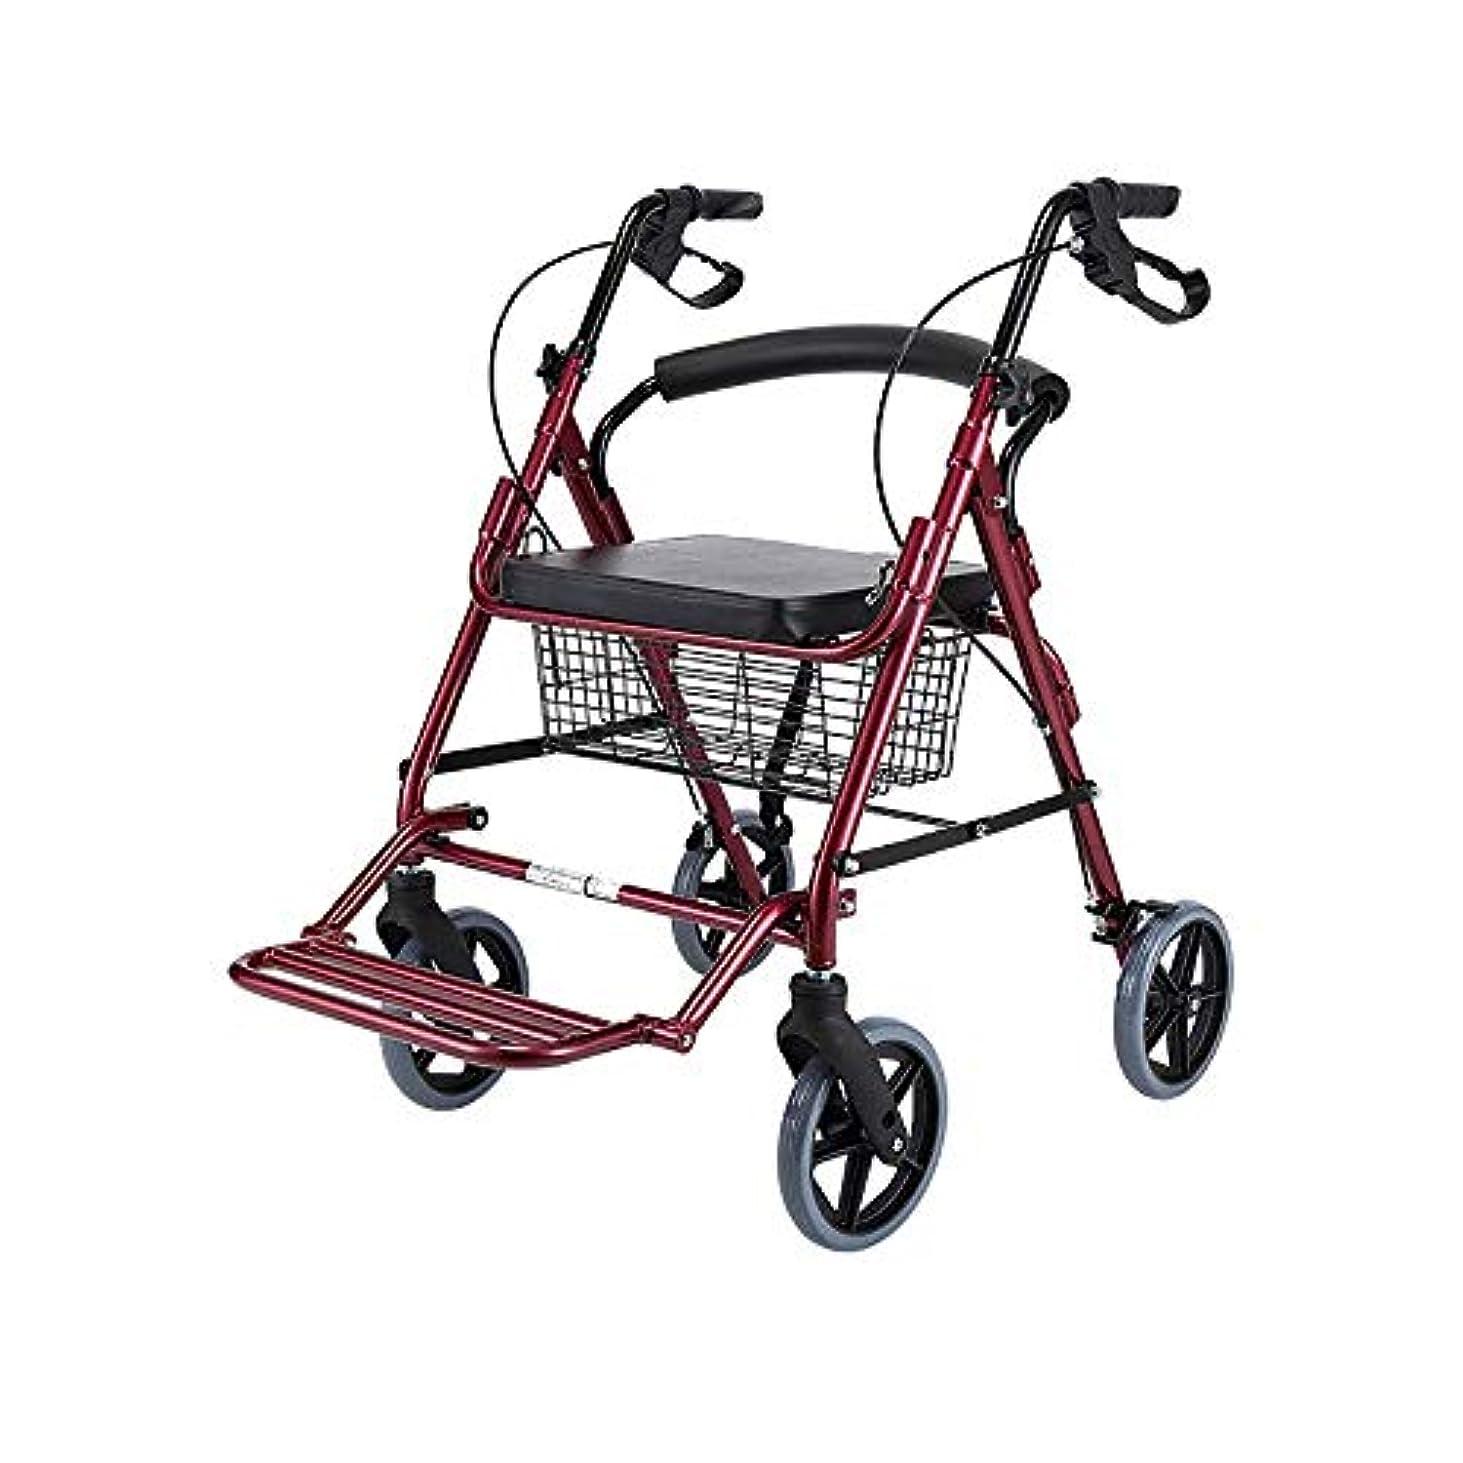 いじめっ子楽しませる南アメリカ高齢者ウォーカー、折りたたみ式ポータブル歩行器補助ウォーカー四輪ショッピングカートハンドブレーキ付きヘビーデューティウォーカー